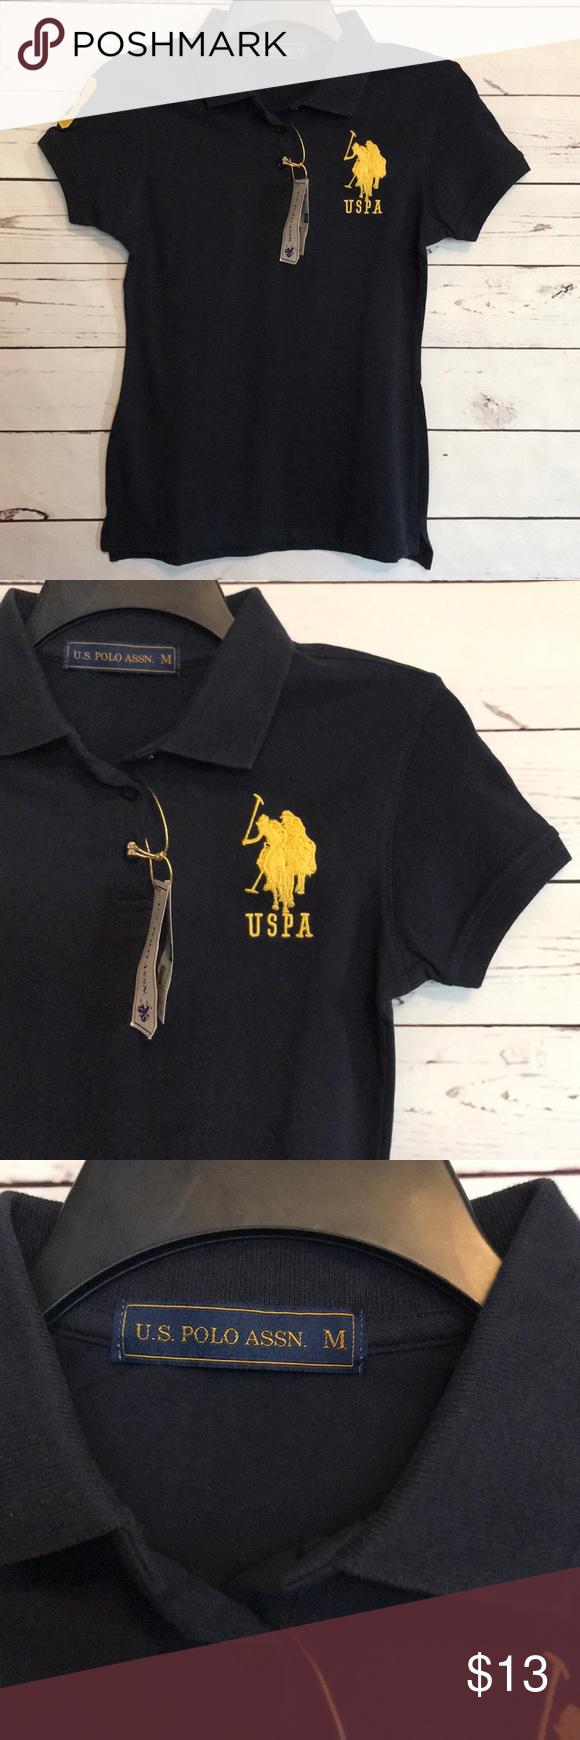 Nwt Us Polo Assn Girl Polo Shirt New Dark Navy Blue U S Polo Assn Shirts Tops Polos Polo Shirt Girl Clothes Design Polo Assn